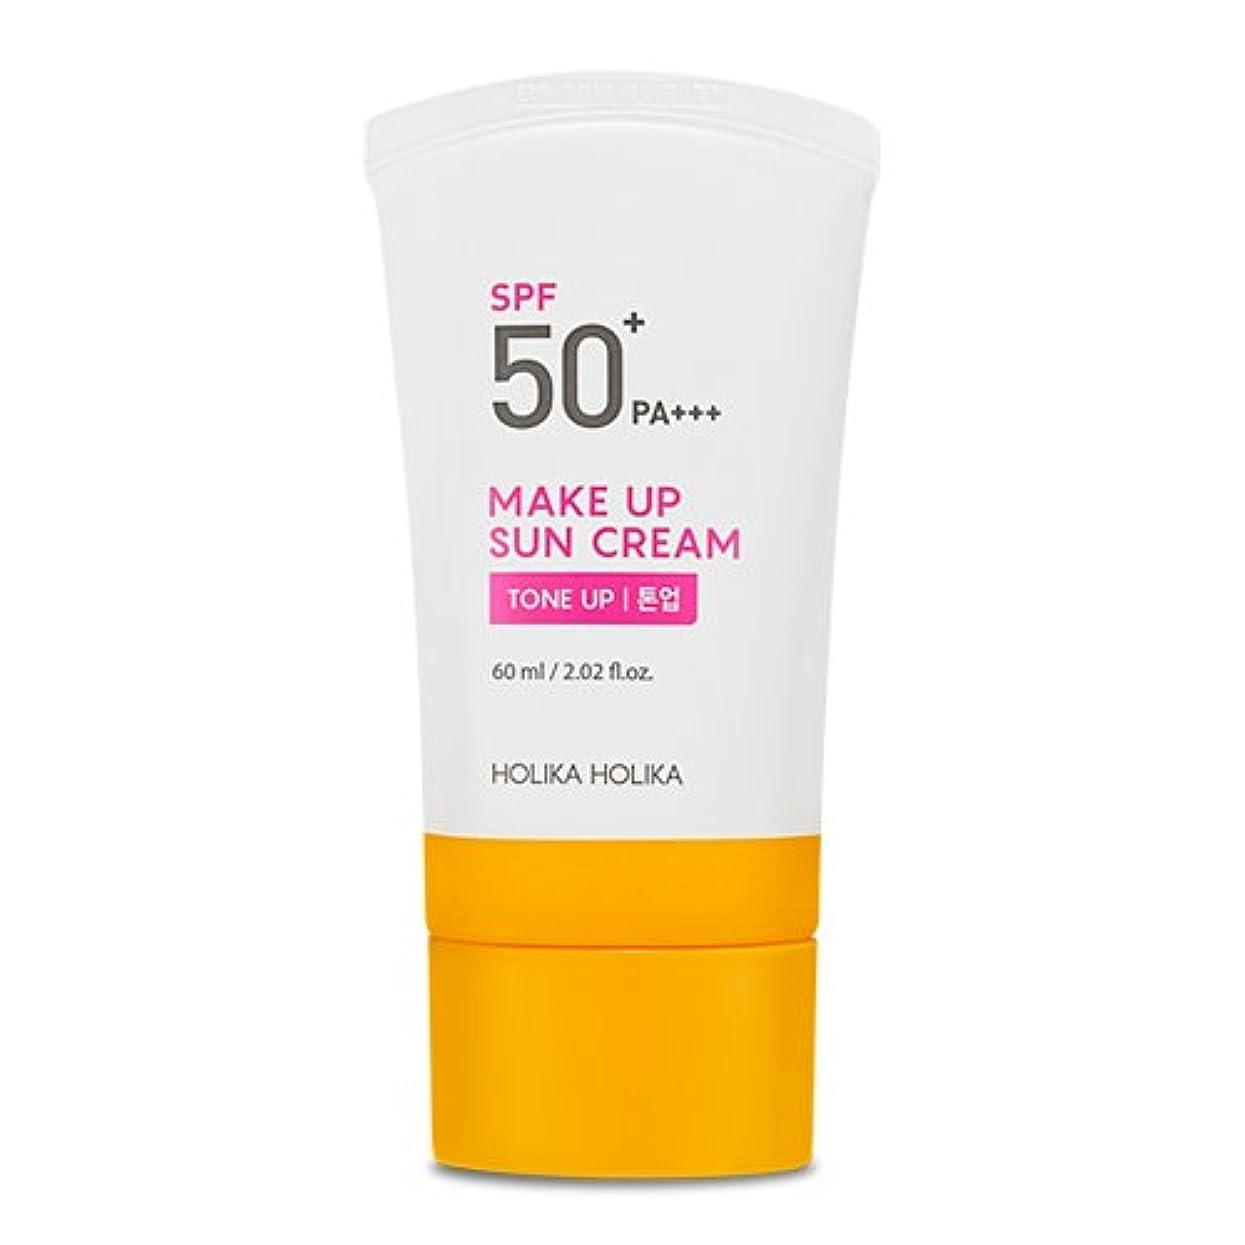 調子首謀者ふつう[2018]ホリカホリカ メイクアップ 日焼け止めクリーム/UVケア?Holika Holika Make Up Sun Cream SPF50+ PA+++ 60ml [並行輸入品]